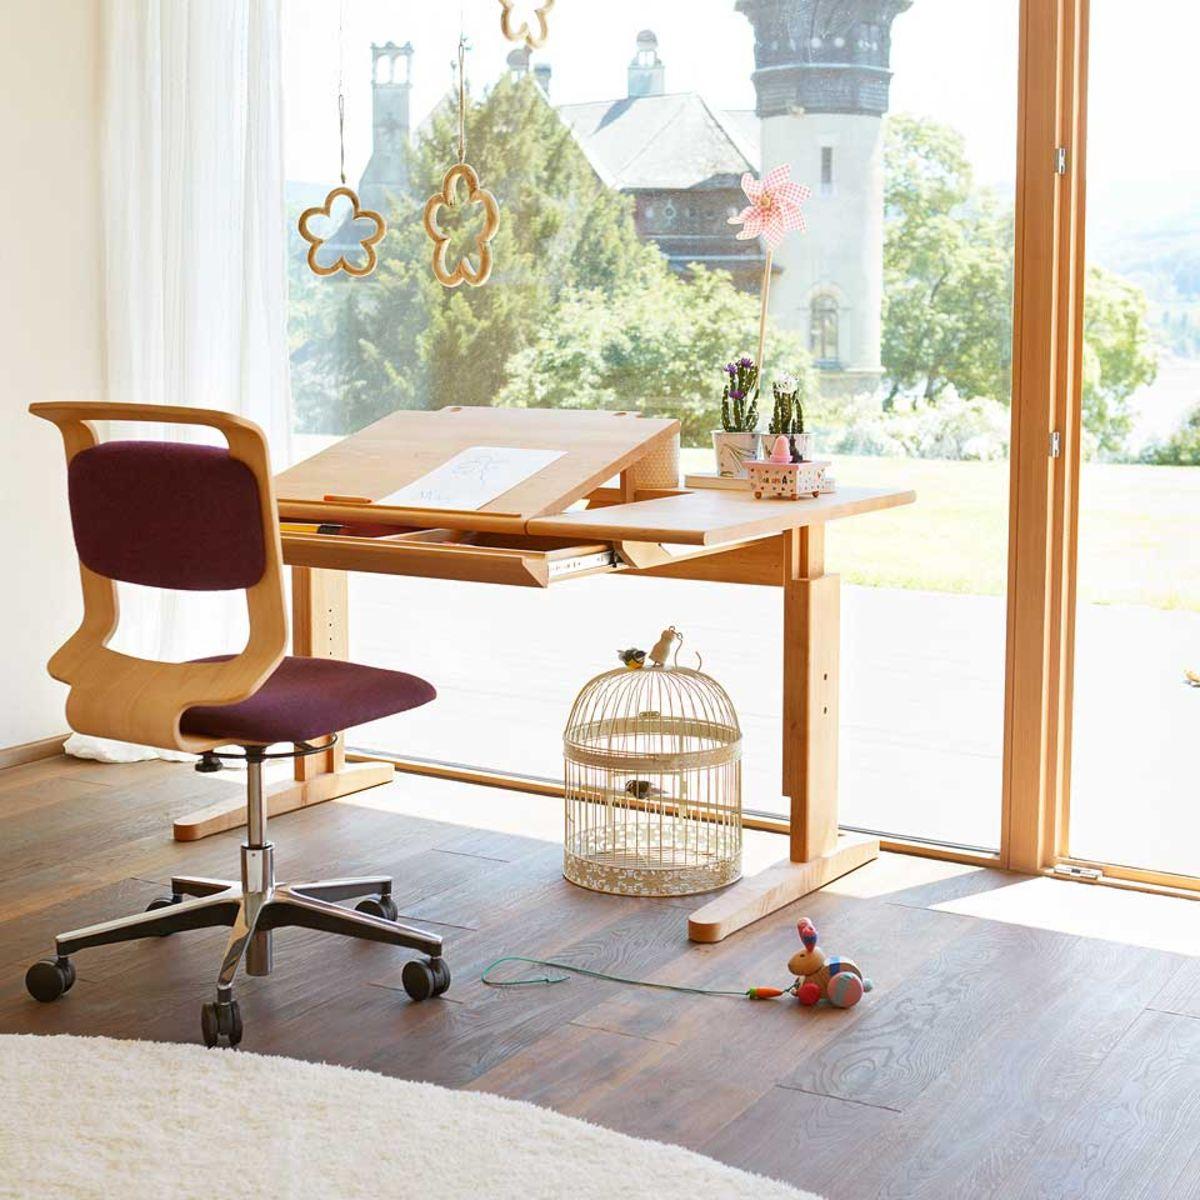 mobile Schreibtisch mit Drehstuhl von TEAM 7 München